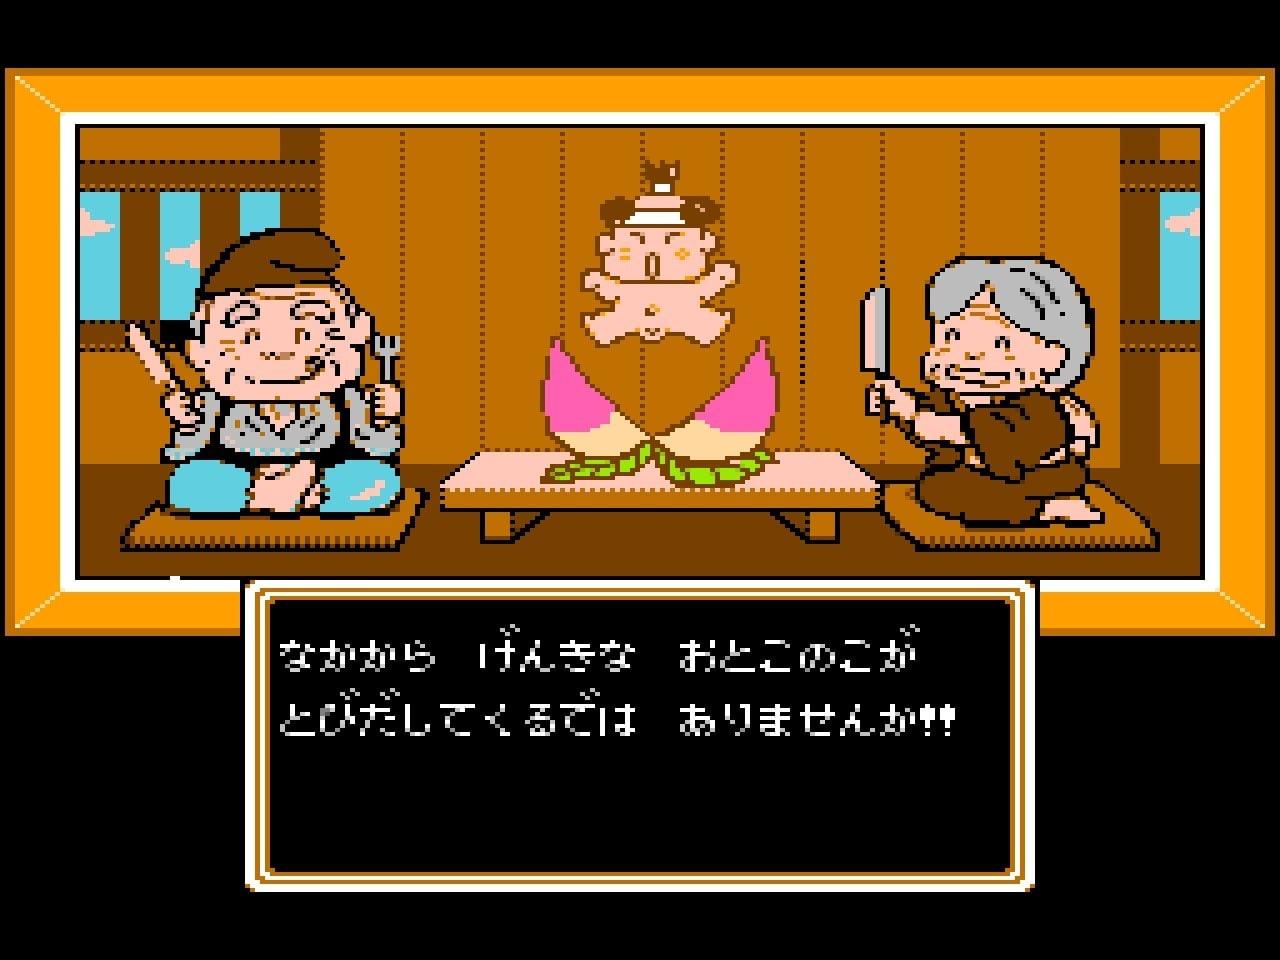 """「鬼狩り」の元祖と言えば…!? まさに""""伝説""""のファミコンRPG『桃太郎伝説』が発売33周年の画像002"""